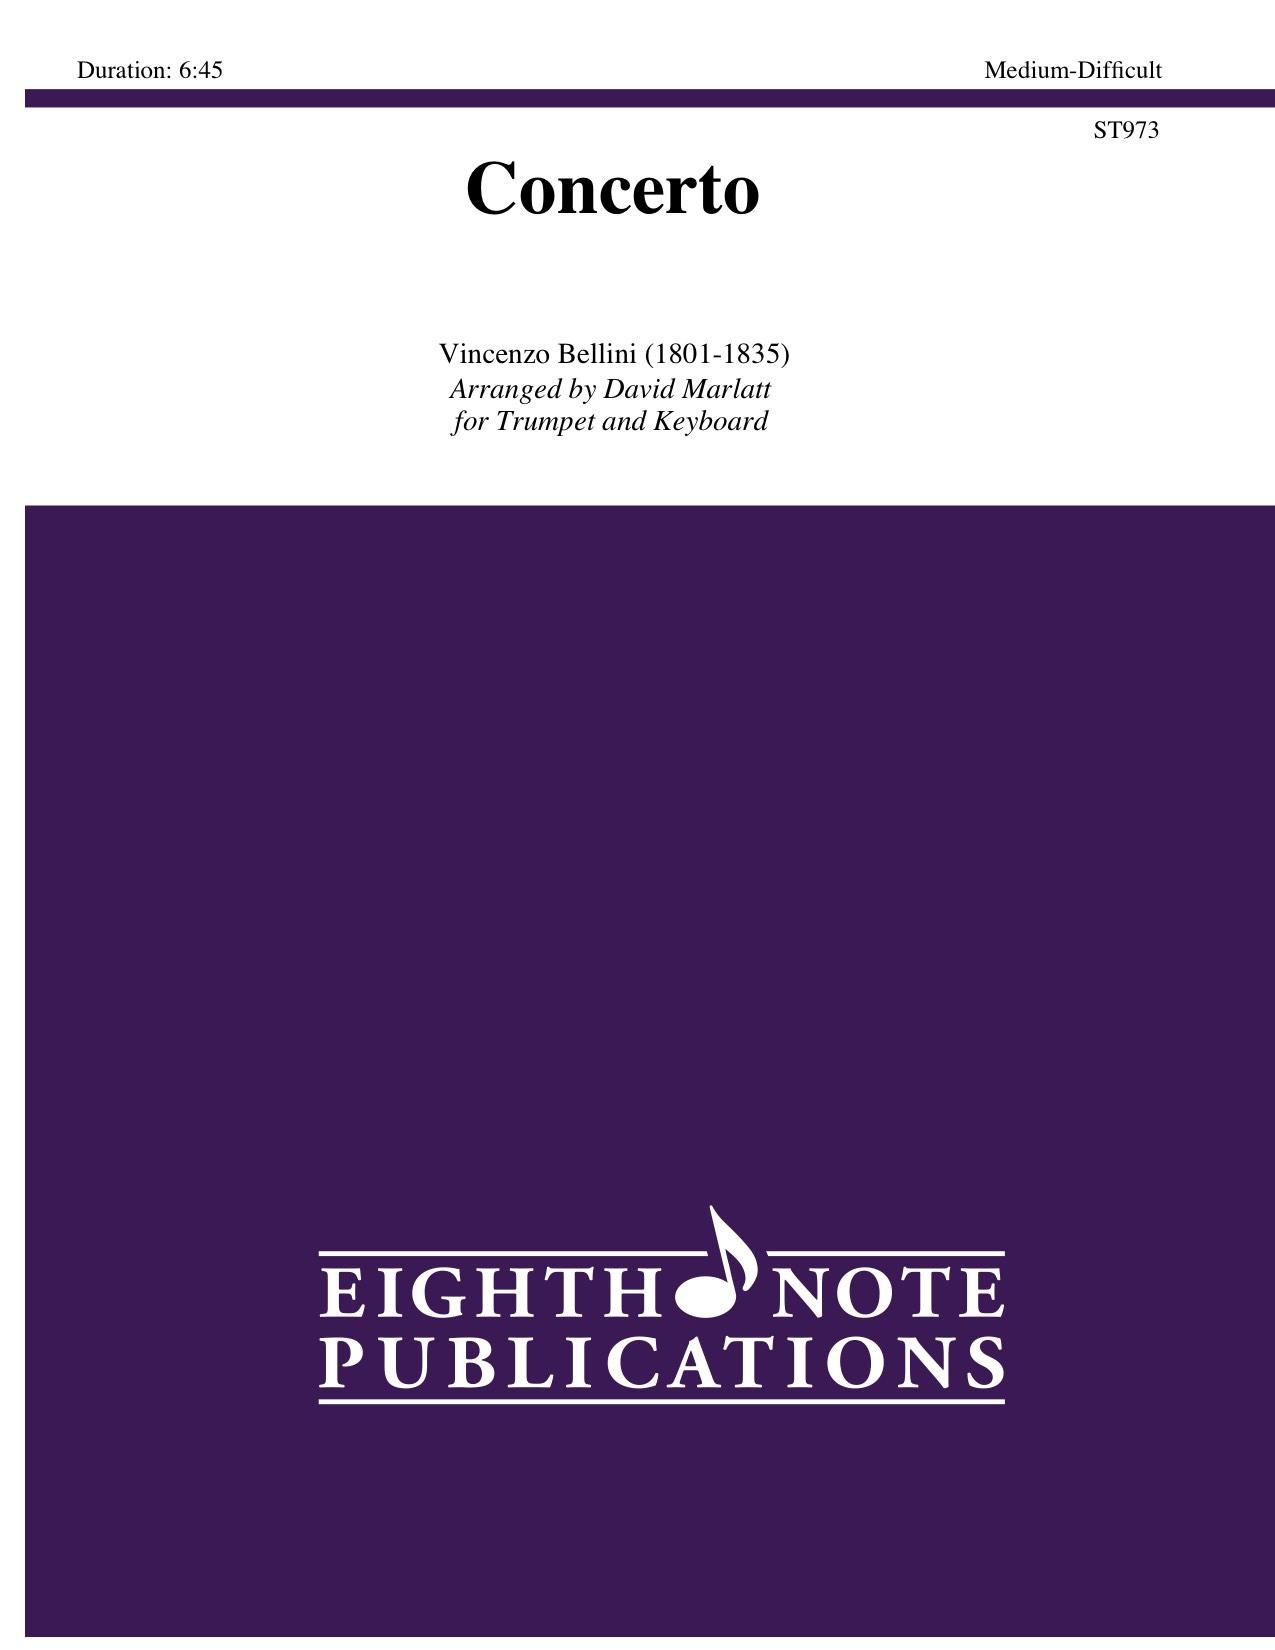 Concerto  - Vincenzo Bellini